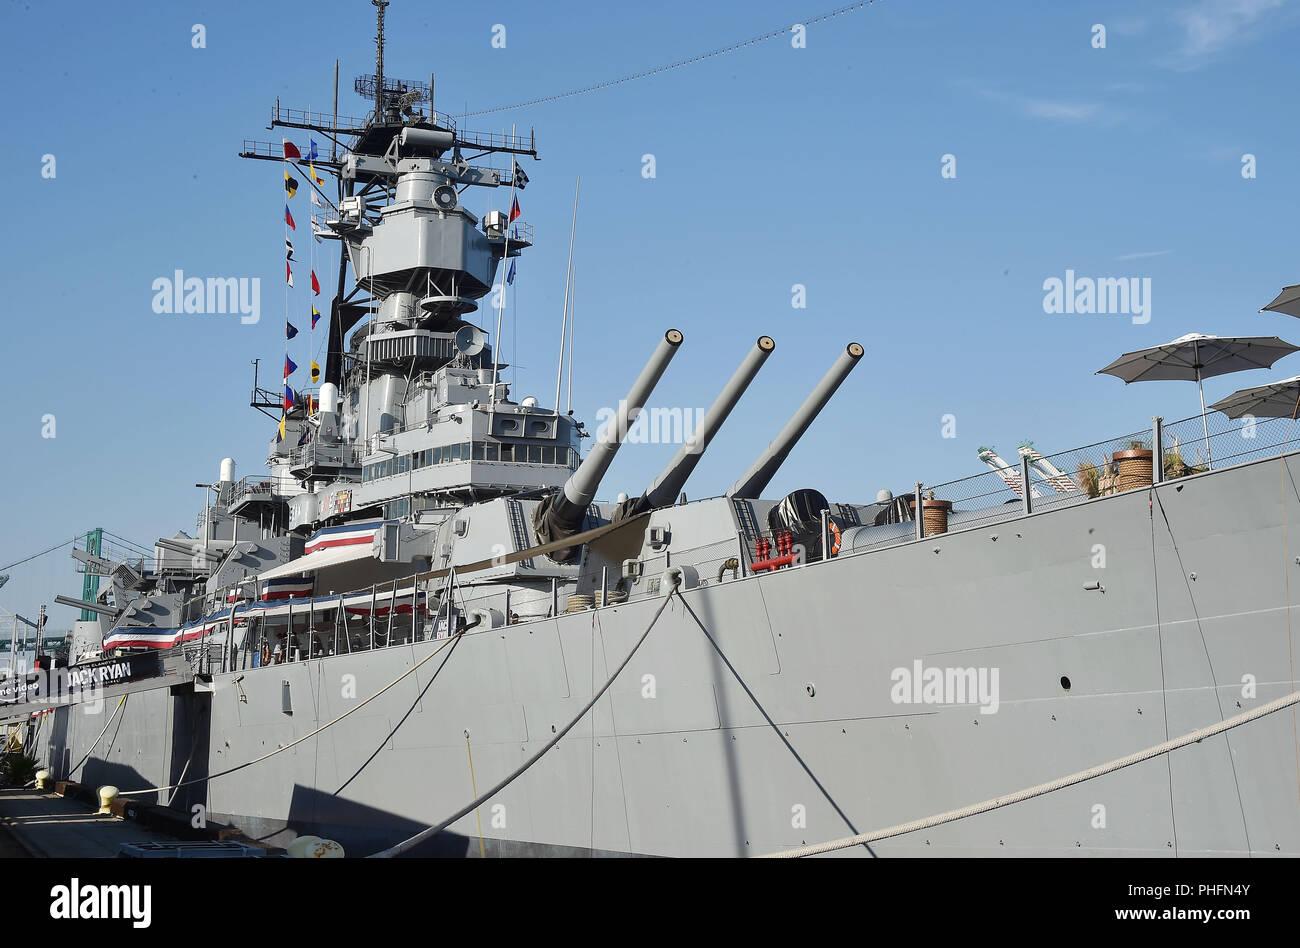 """USS BATTLESHIP USS IOWA BB-61 bewirtete die Premiere von 'Tom Clancy's Jack Ryan"""" bei der Eröffnung der Nacht von Los Angeles Flotte Woche 2018 am 31. August in San Pedro, Kalifornien 2018. Foto: Jeffrey Mayer Stockbild"""